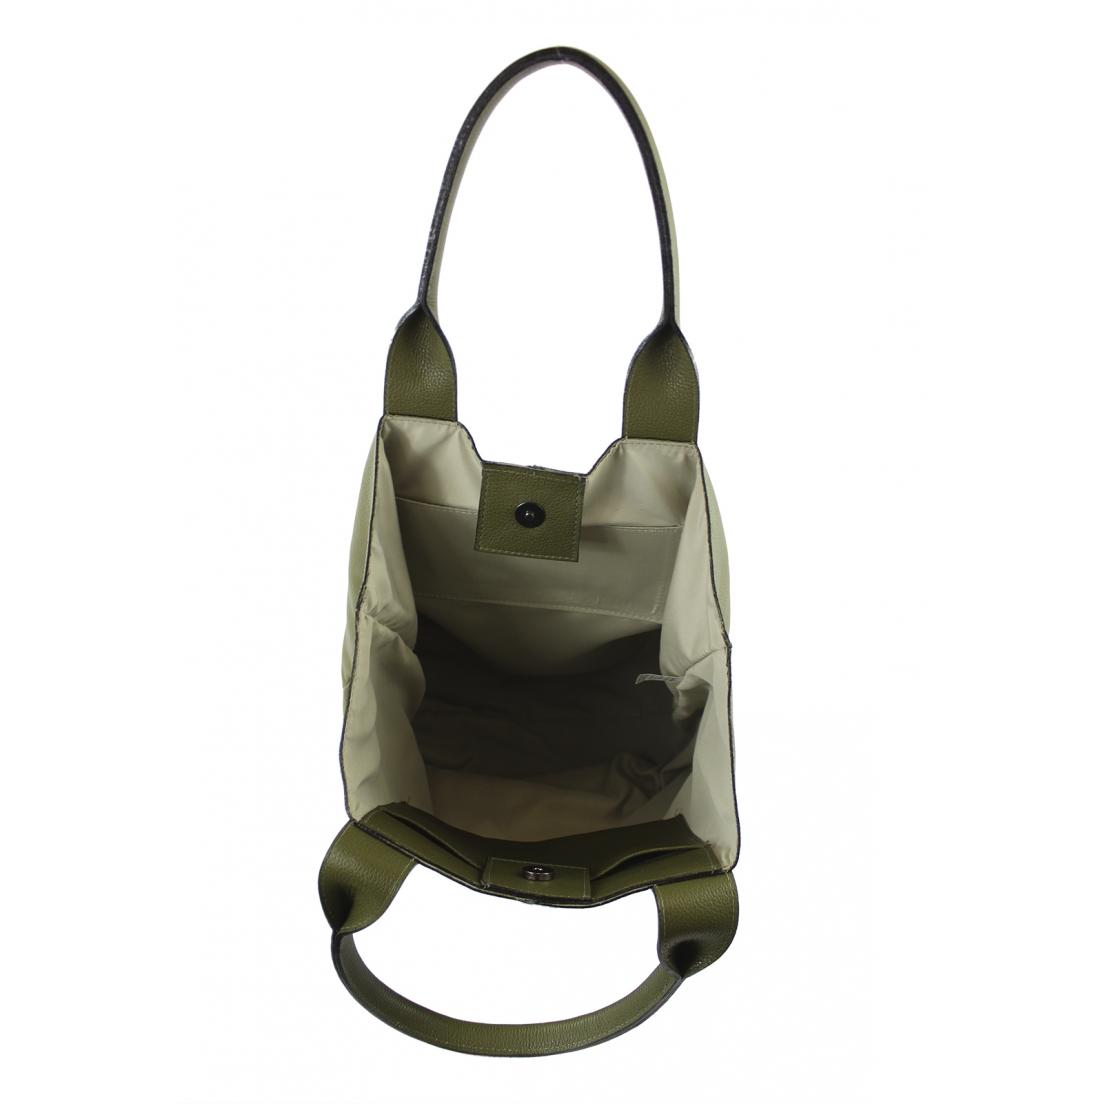 Bolsa sacola Crisfael Couro